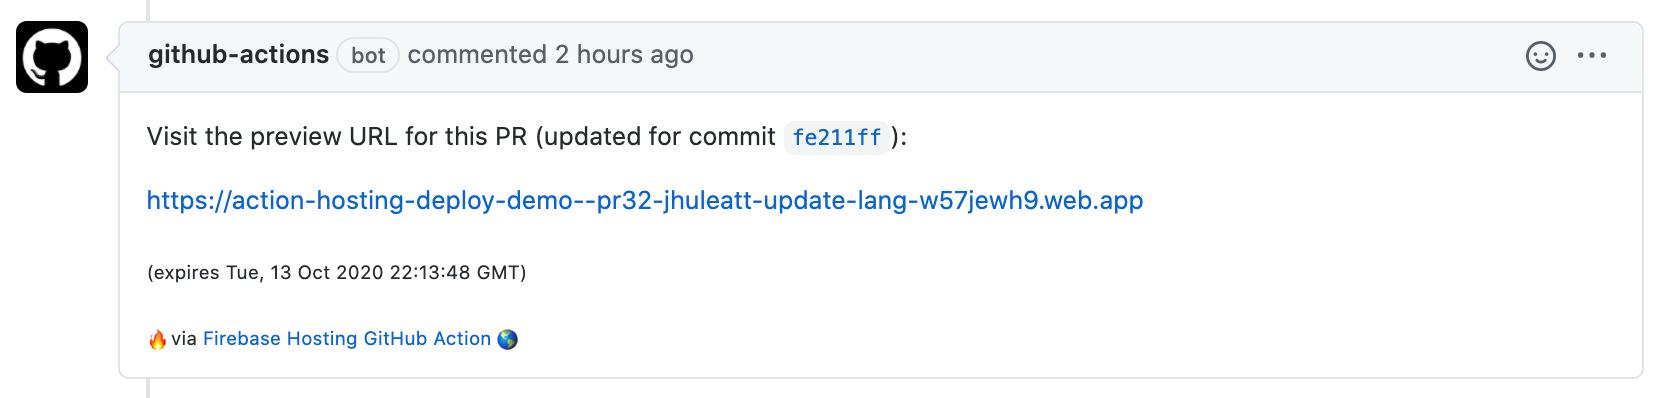 imagen del comentario de relaciones públicas de acción de GitHub con URL de vista previa